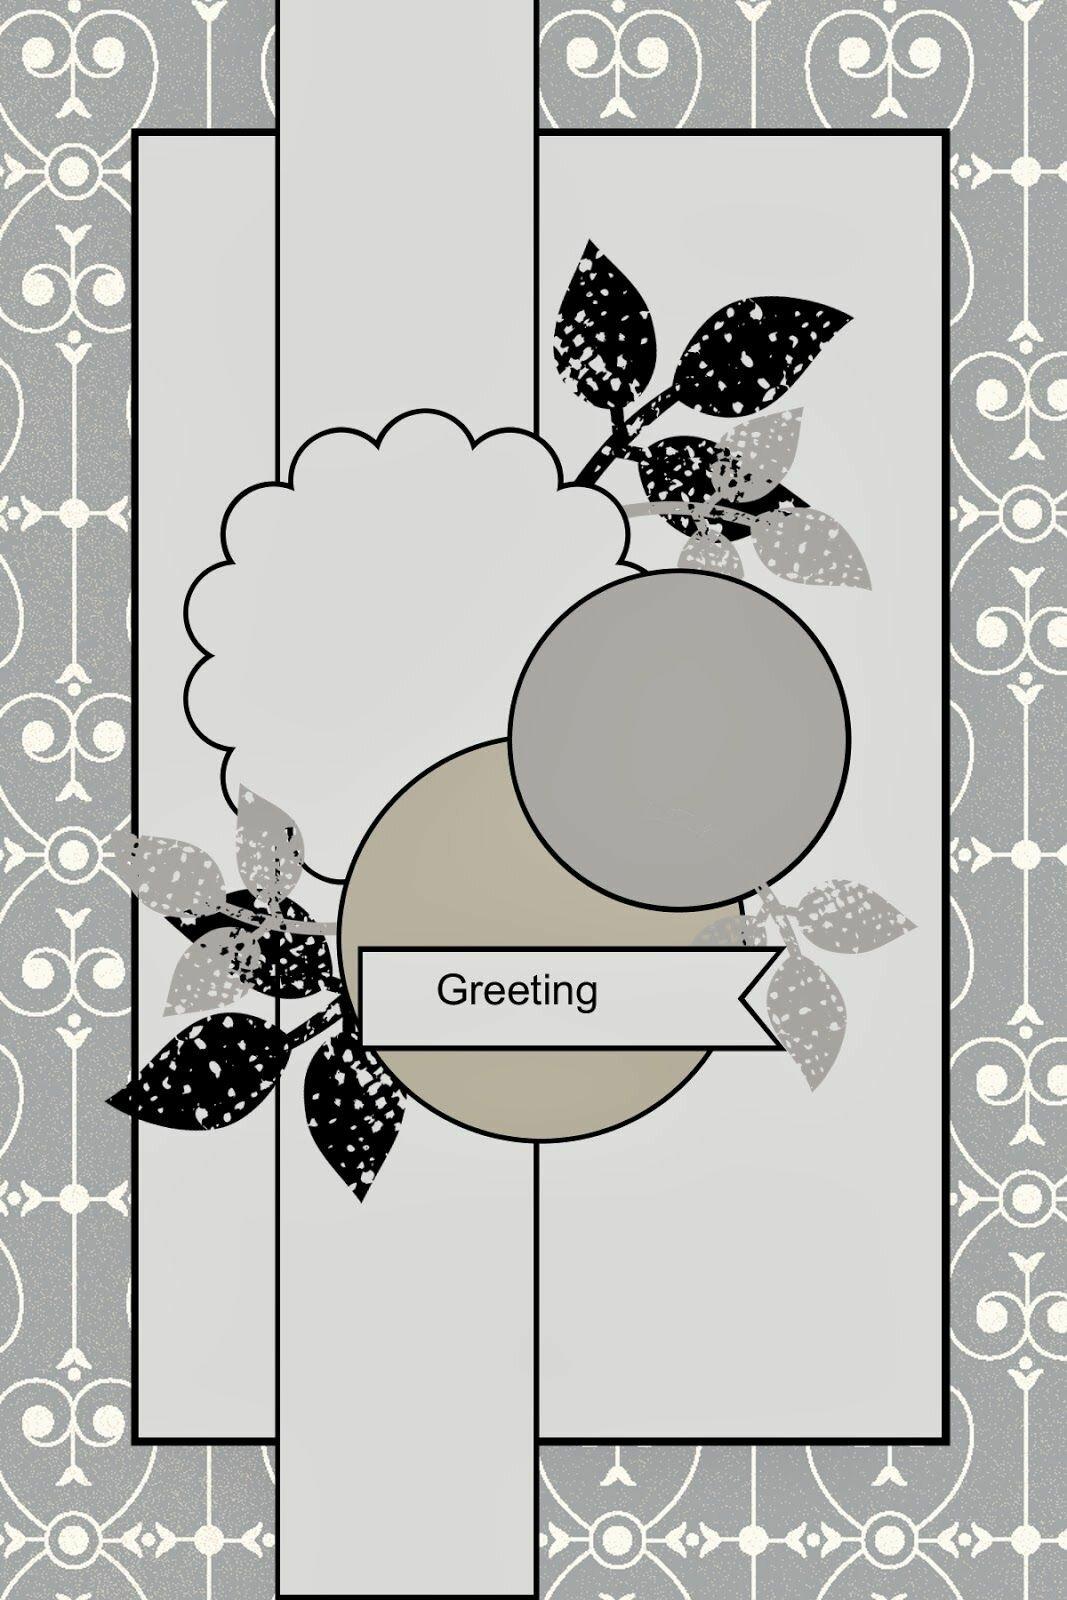 скетчи открыток для скрапбукинга с примерами